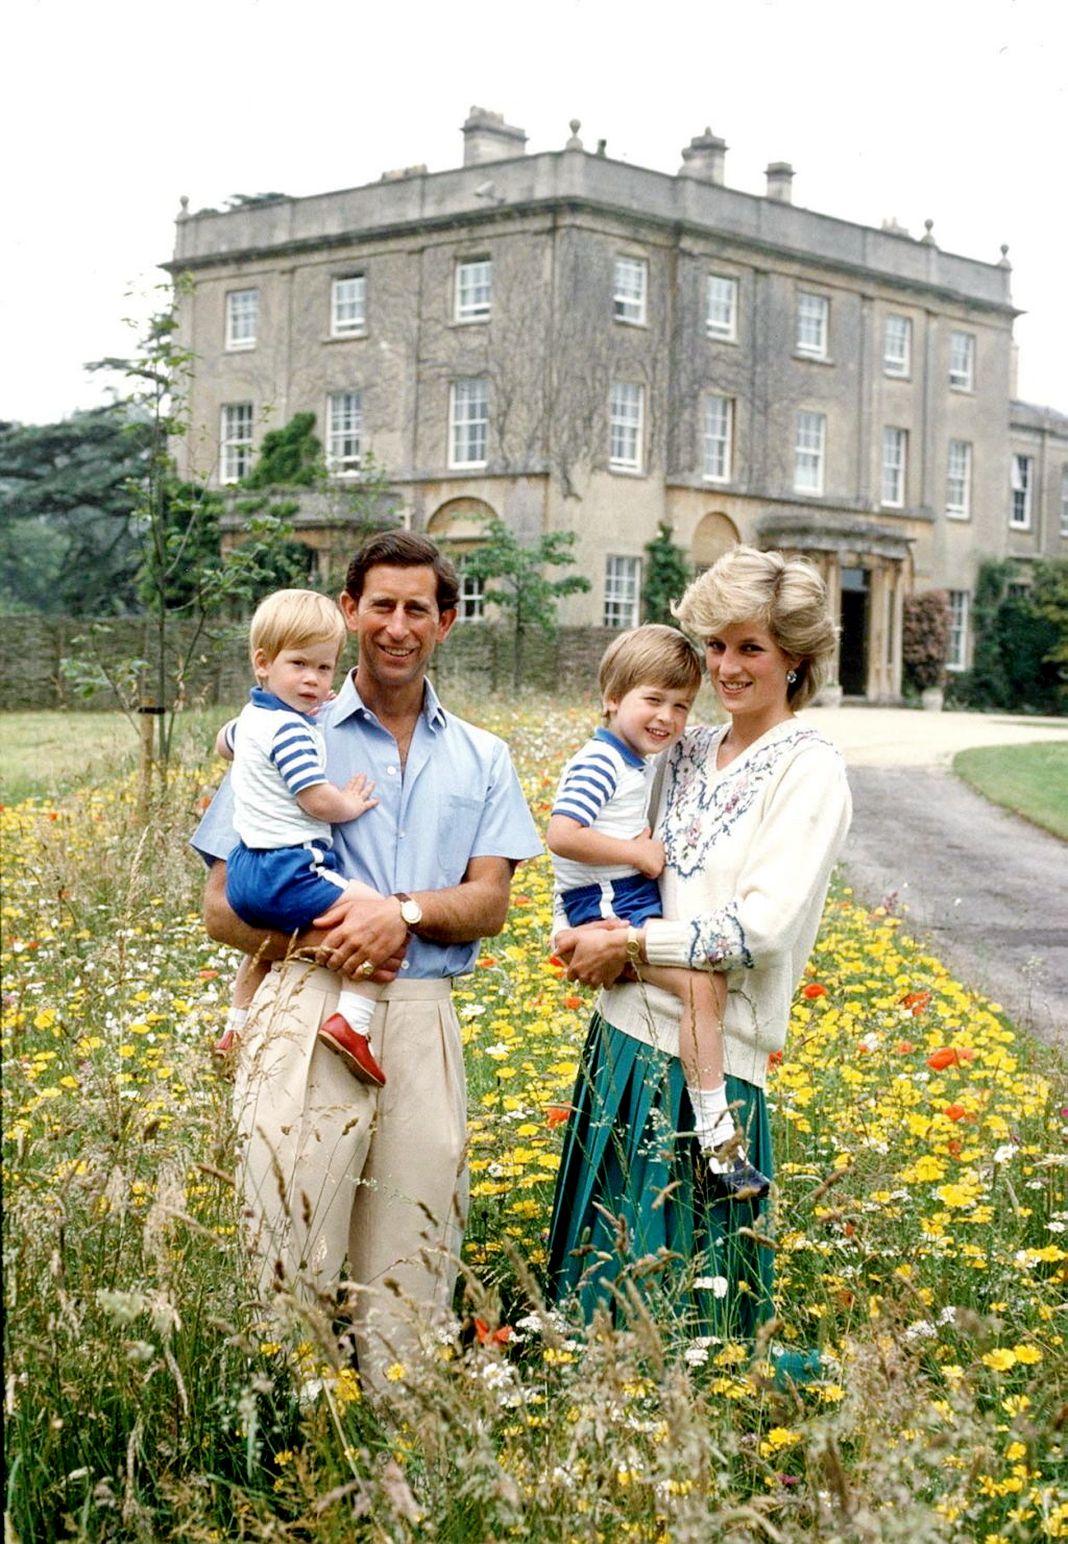 Принцесса Диана и принц Чарльз со своими сыновьями на лугу с дикими цветами